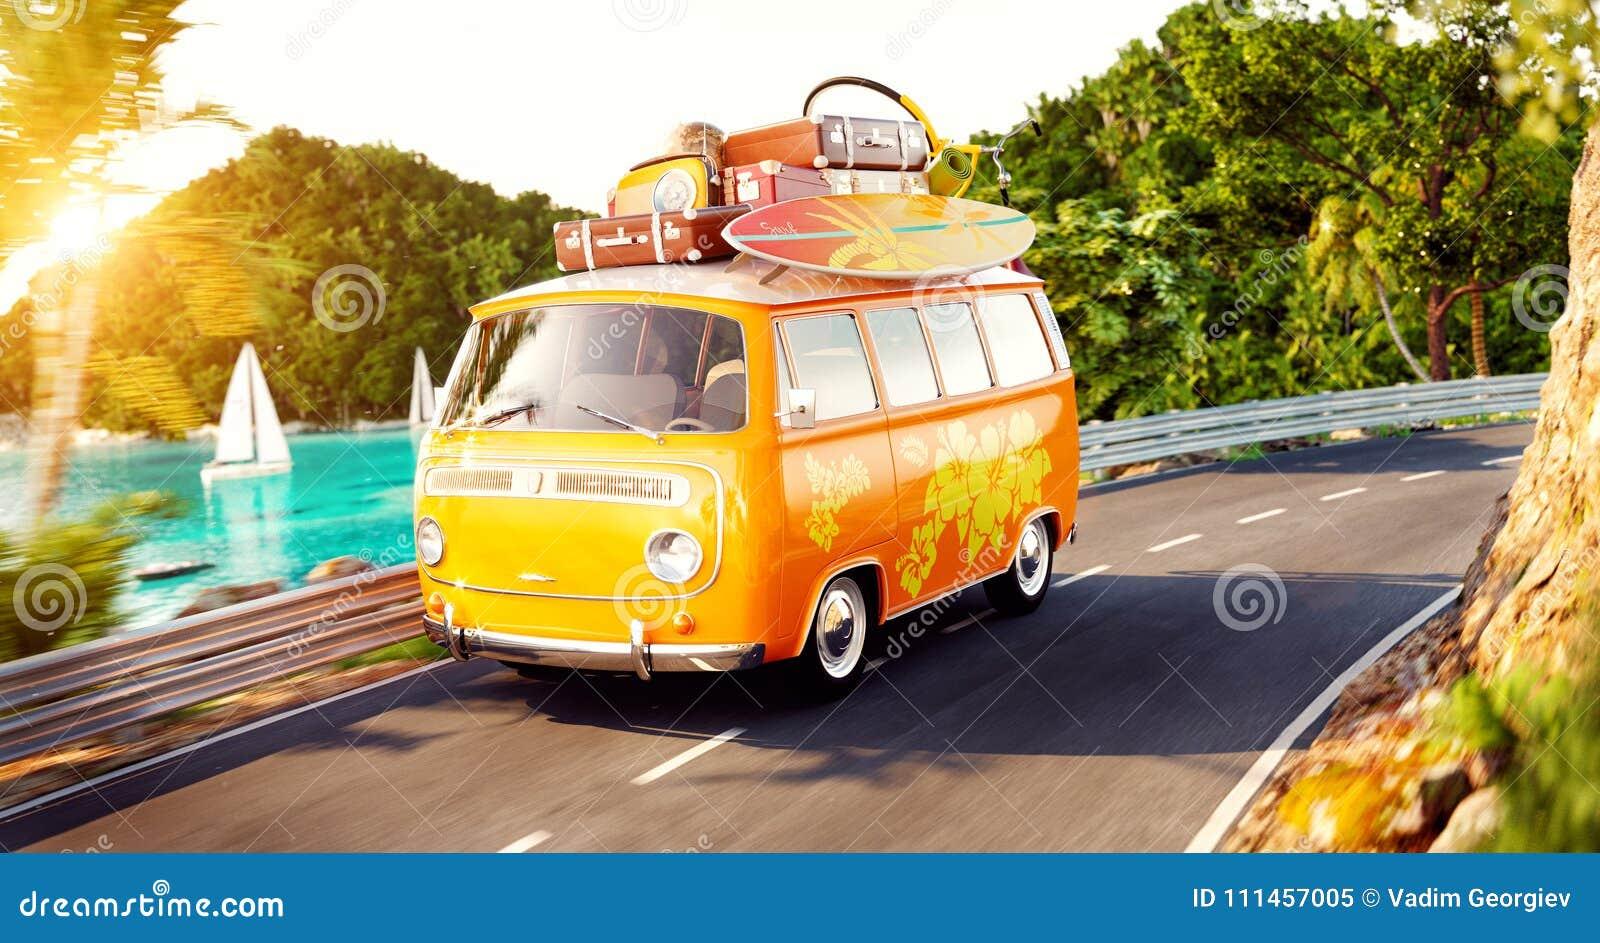 Милый маленький ретро автомобиль с чемоданами и прибоем на верхней части идет дорогой